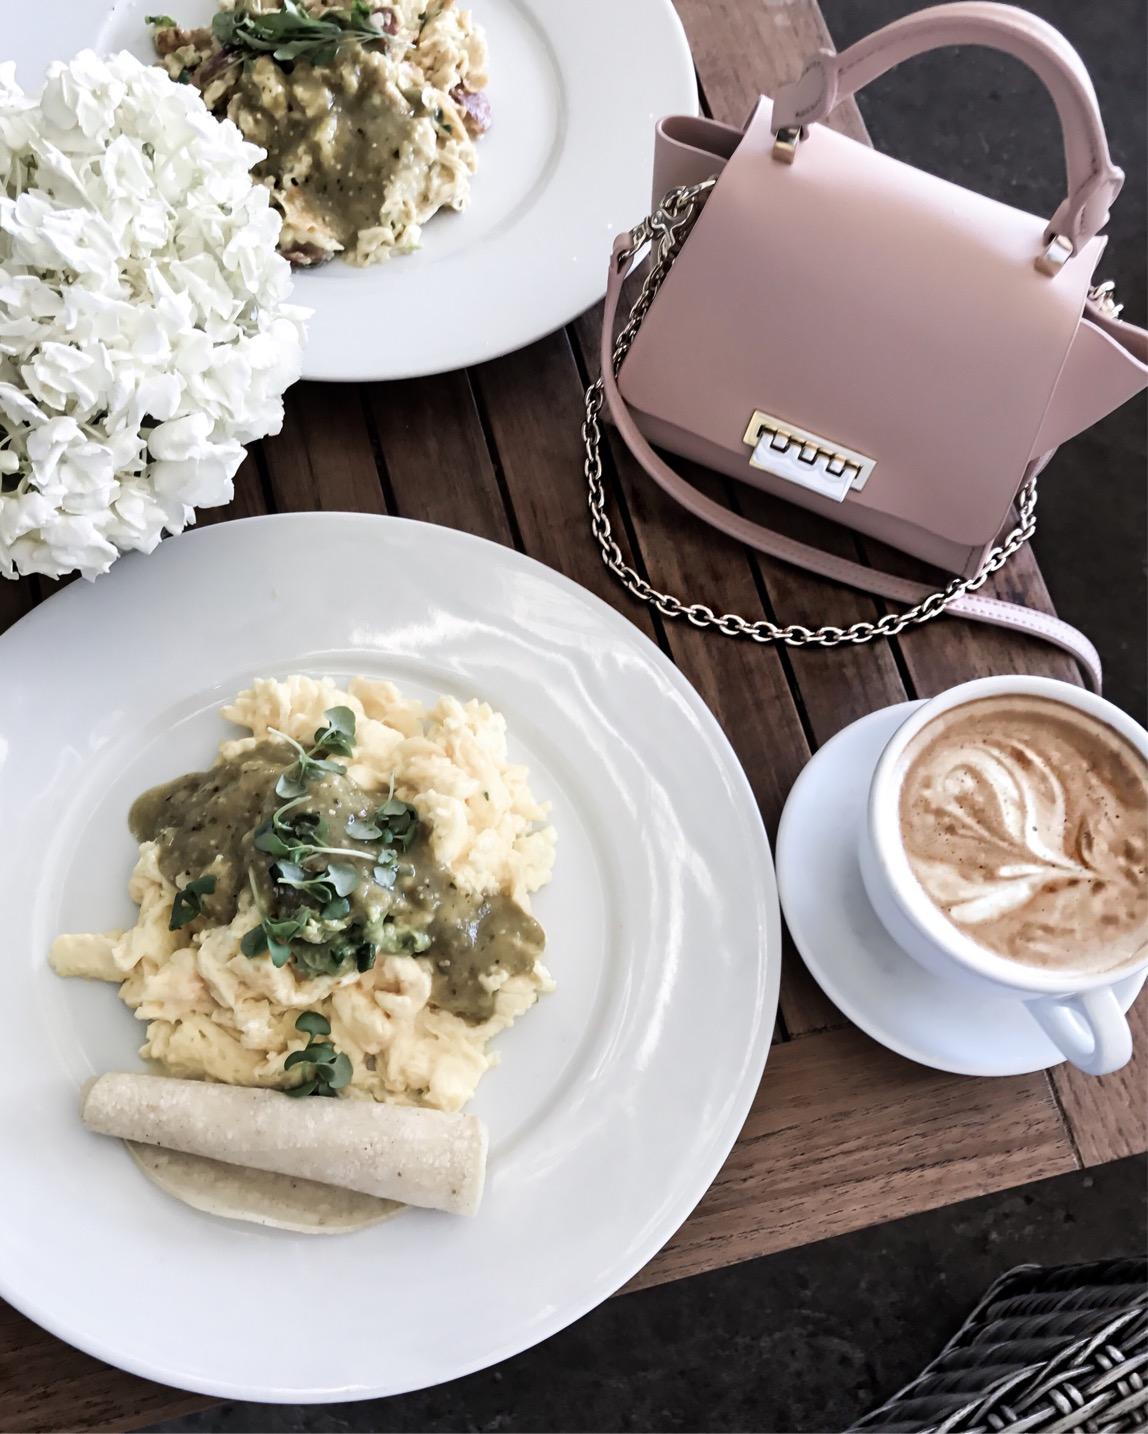 Tiffany Jais Houston fashion and lifestyle blogger | Zac zac posen